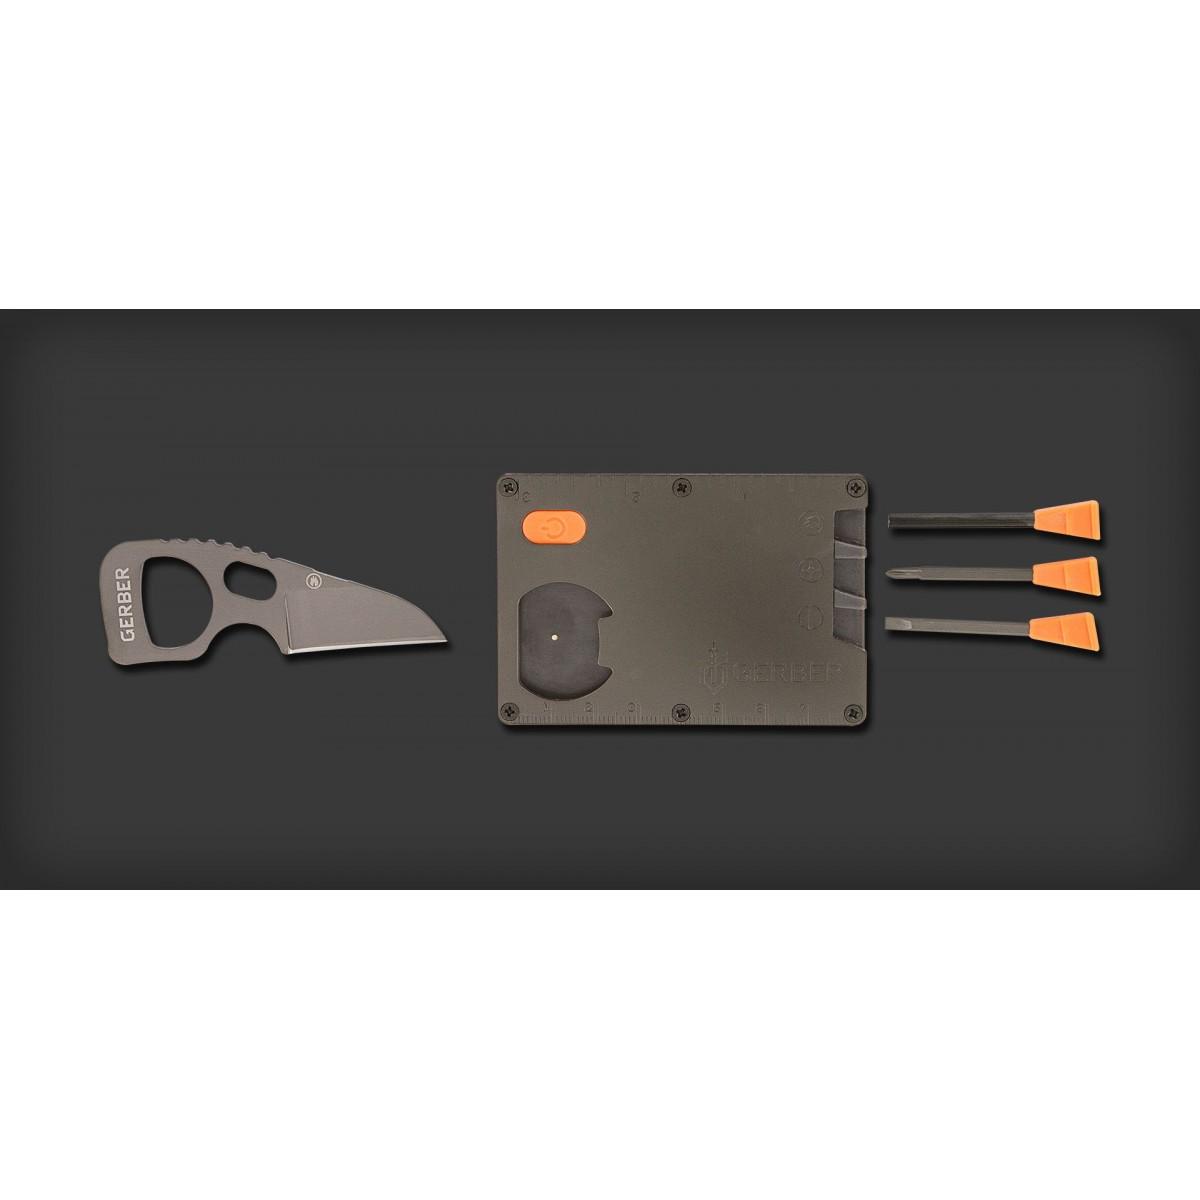 การ์ดมัลติทูล Gerber Bear Grylls Survival Card Tool (31-002601)